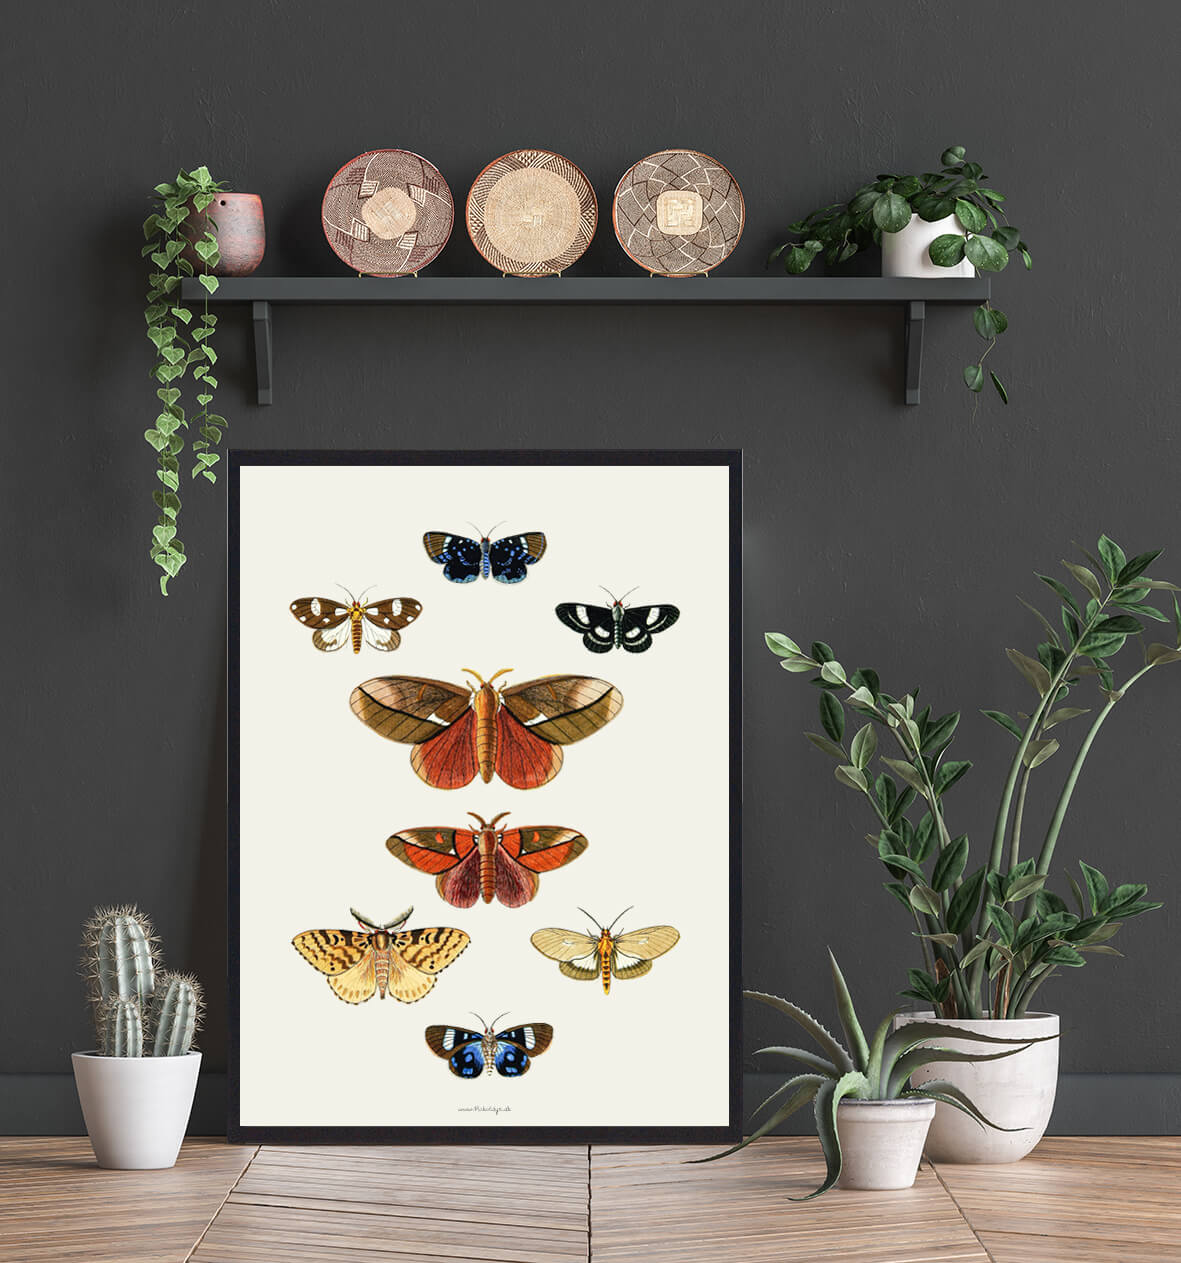 sommerfugle-plakater-boligen-3